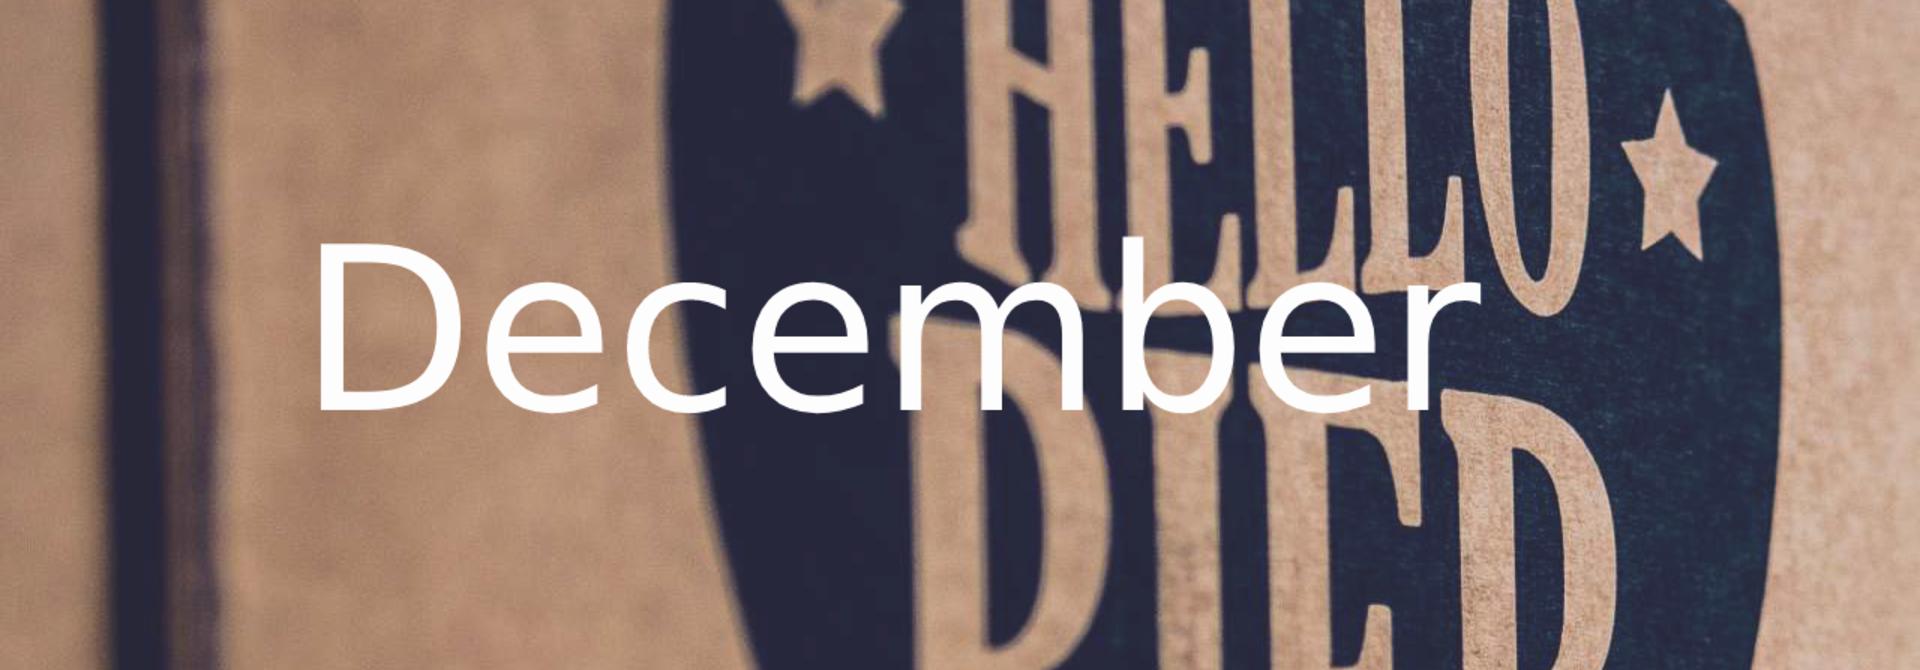 Hellobier speciaalbierpakket december 2017